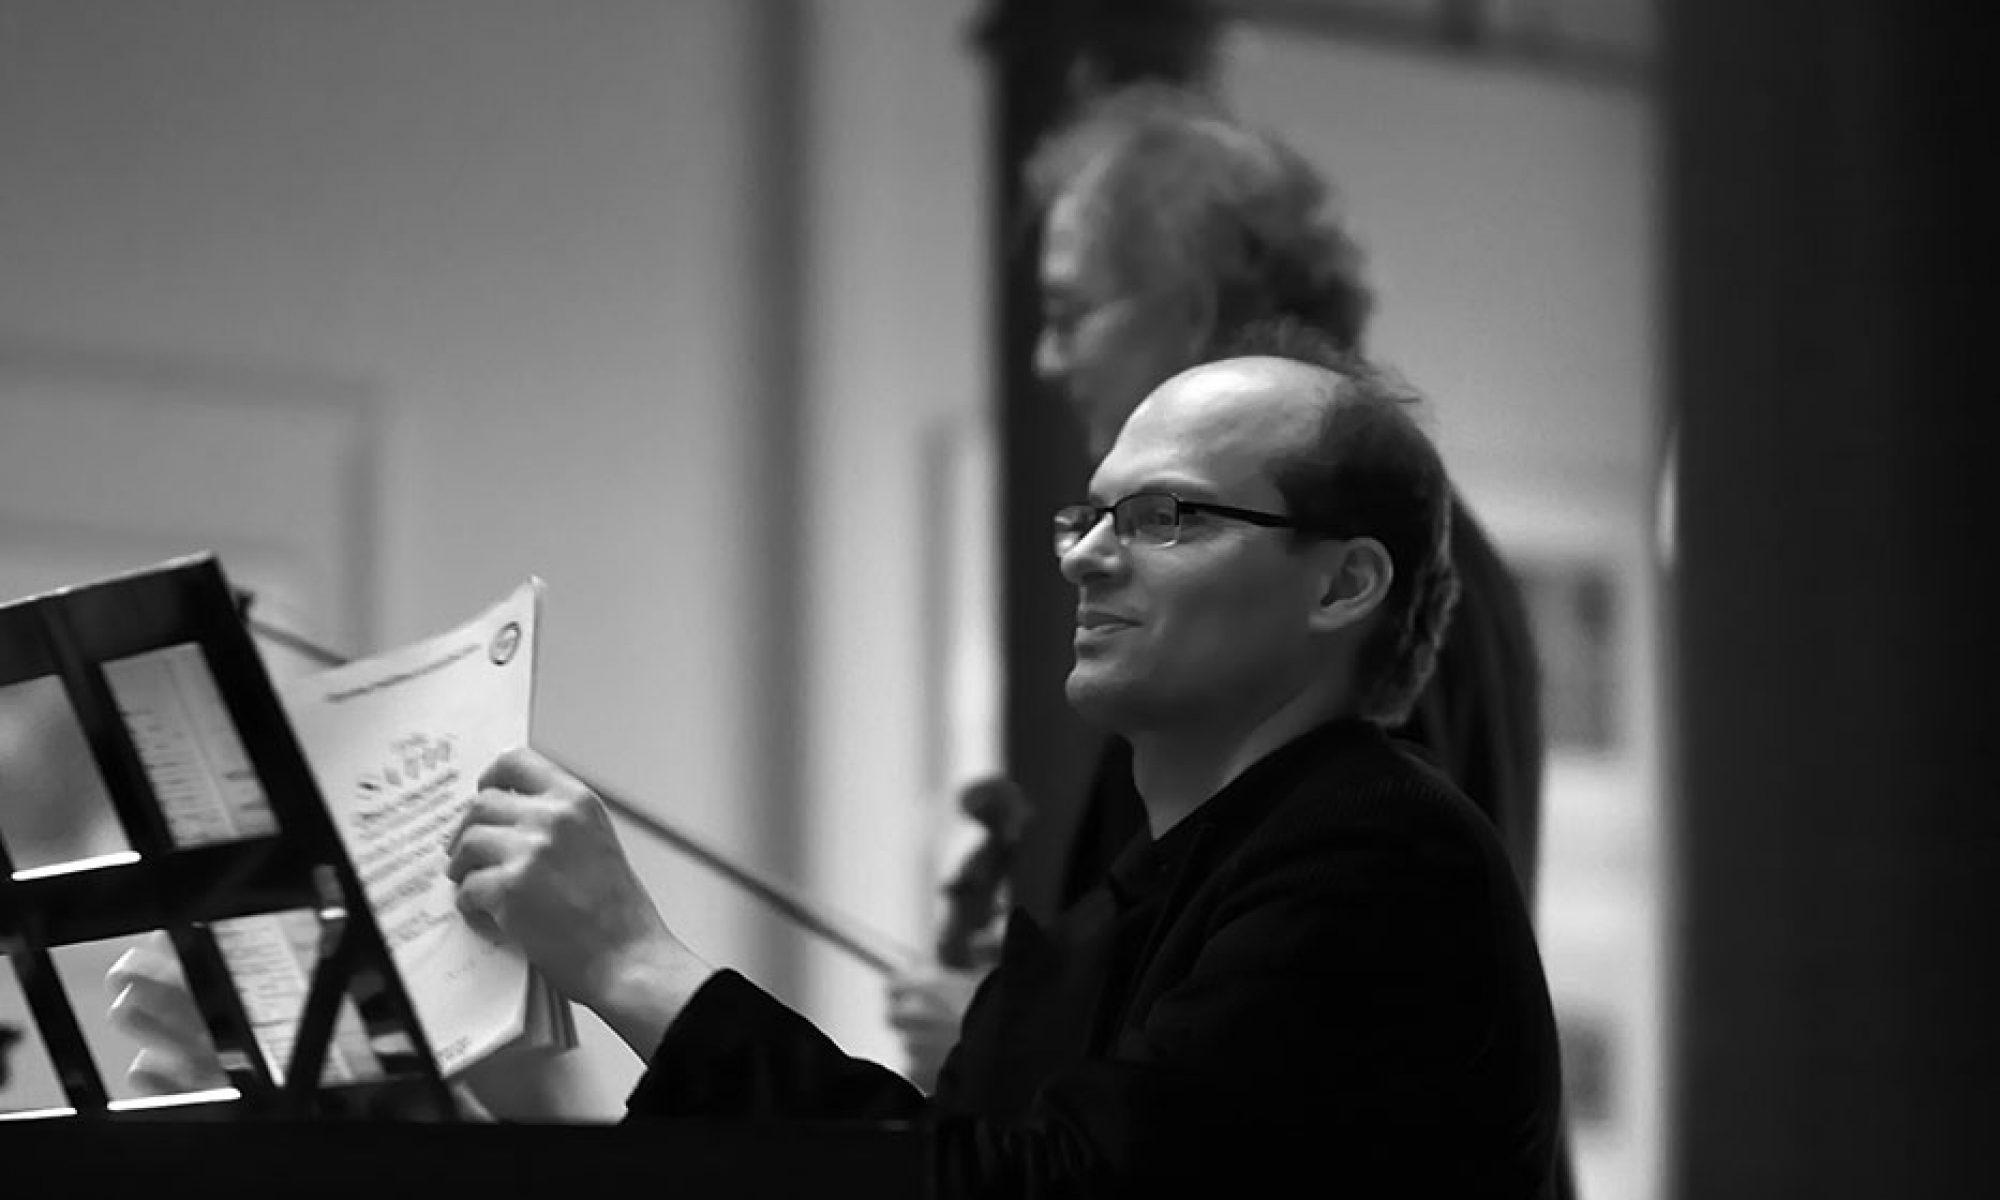 Arnaud Rosdorff